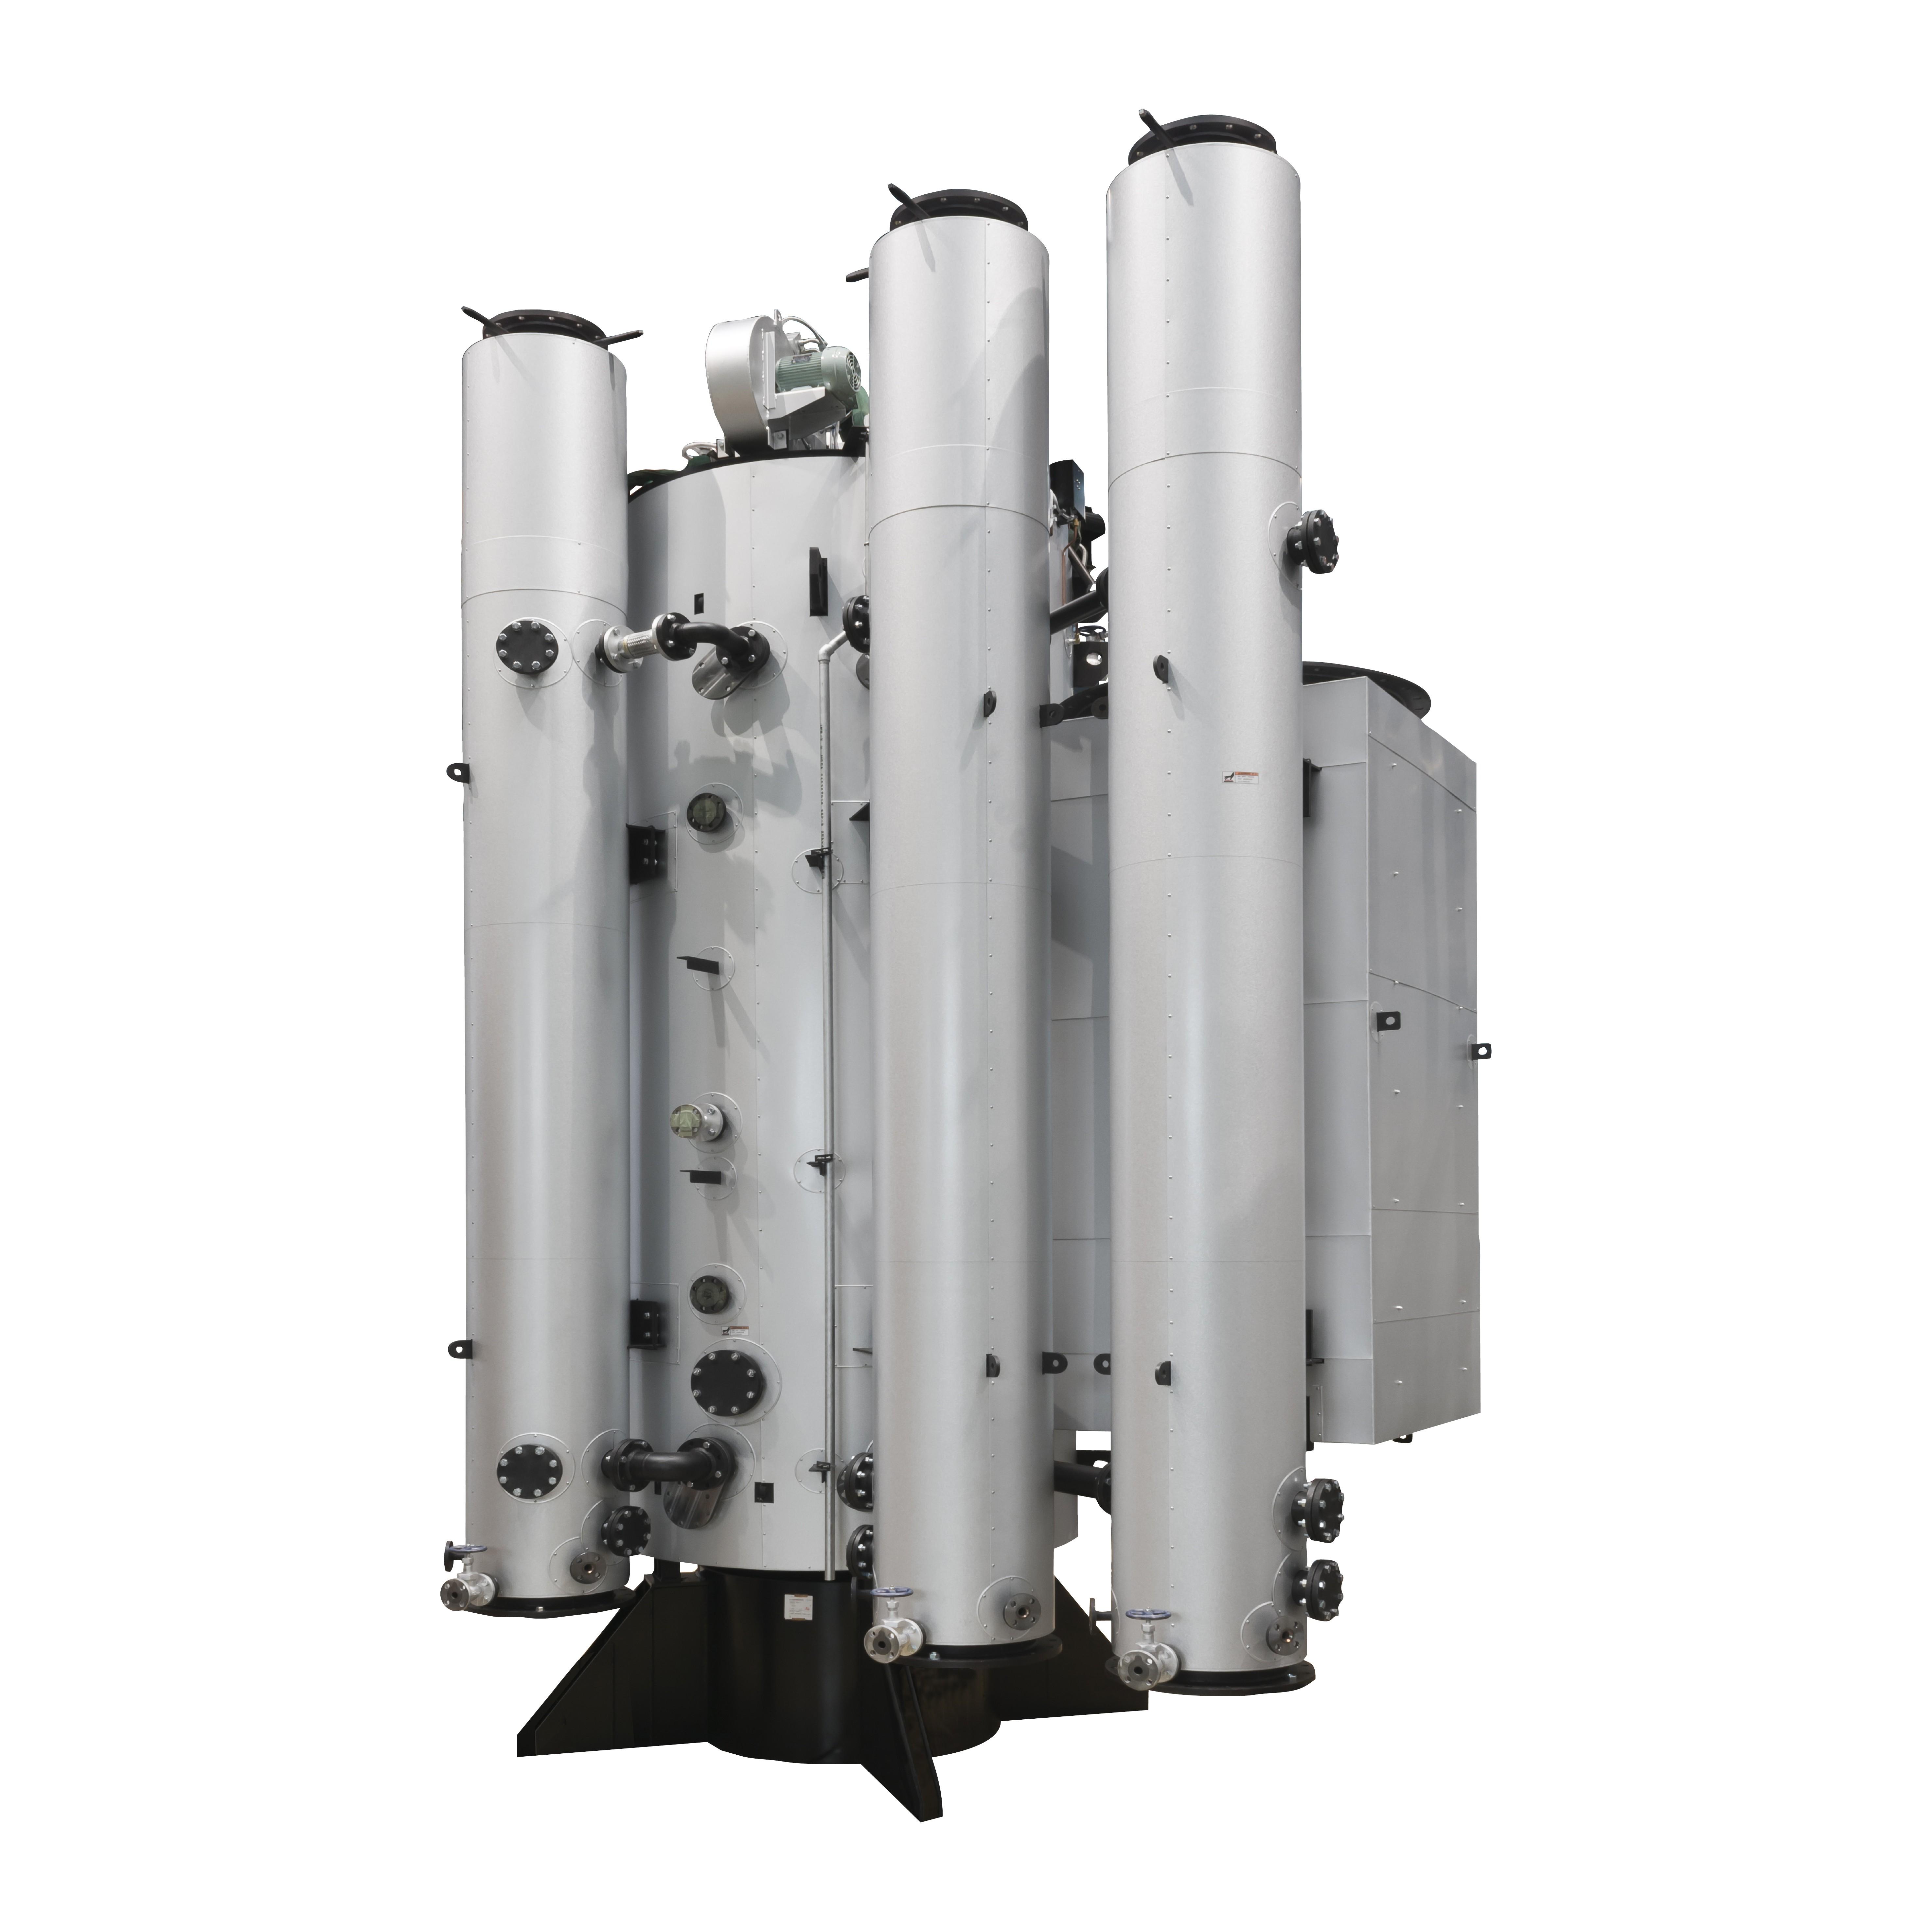 三浦工業と常石造船が共同開発した舶用外付け「補機熱回収ユニット」が特許を取得